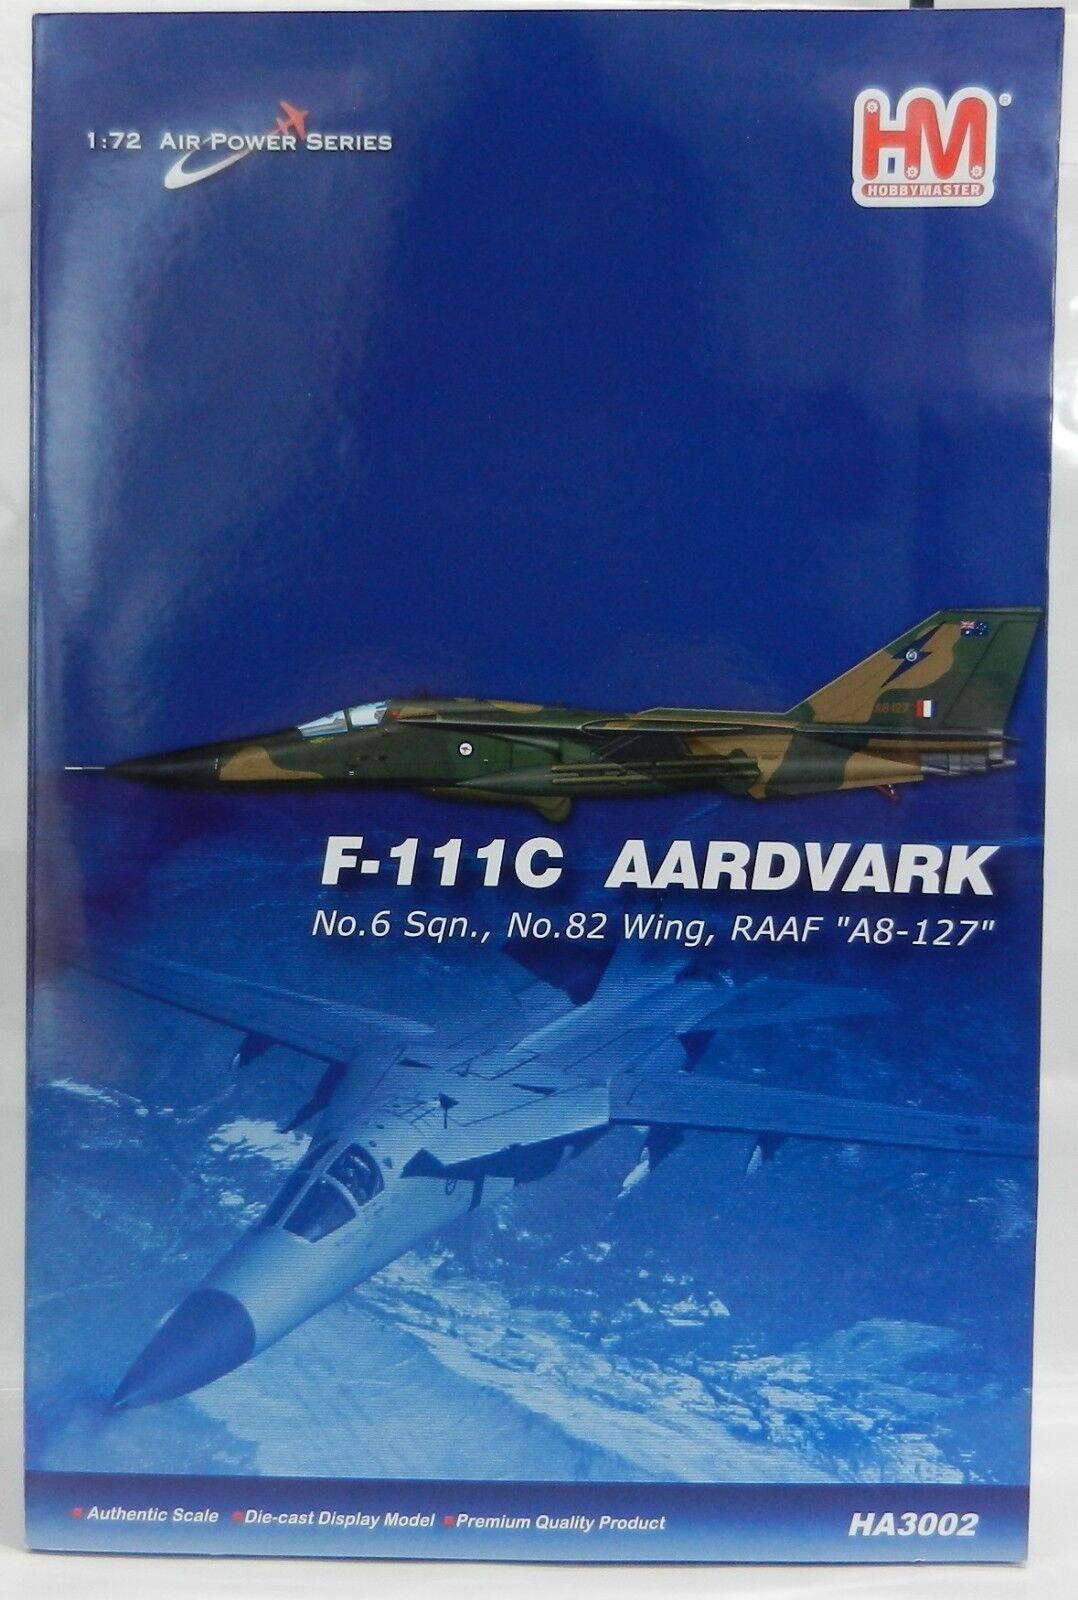 HOBBY MASTERS 1 72 AIR energiaS SERIES F-111C Aardvark Combatiente Plane  HA3002